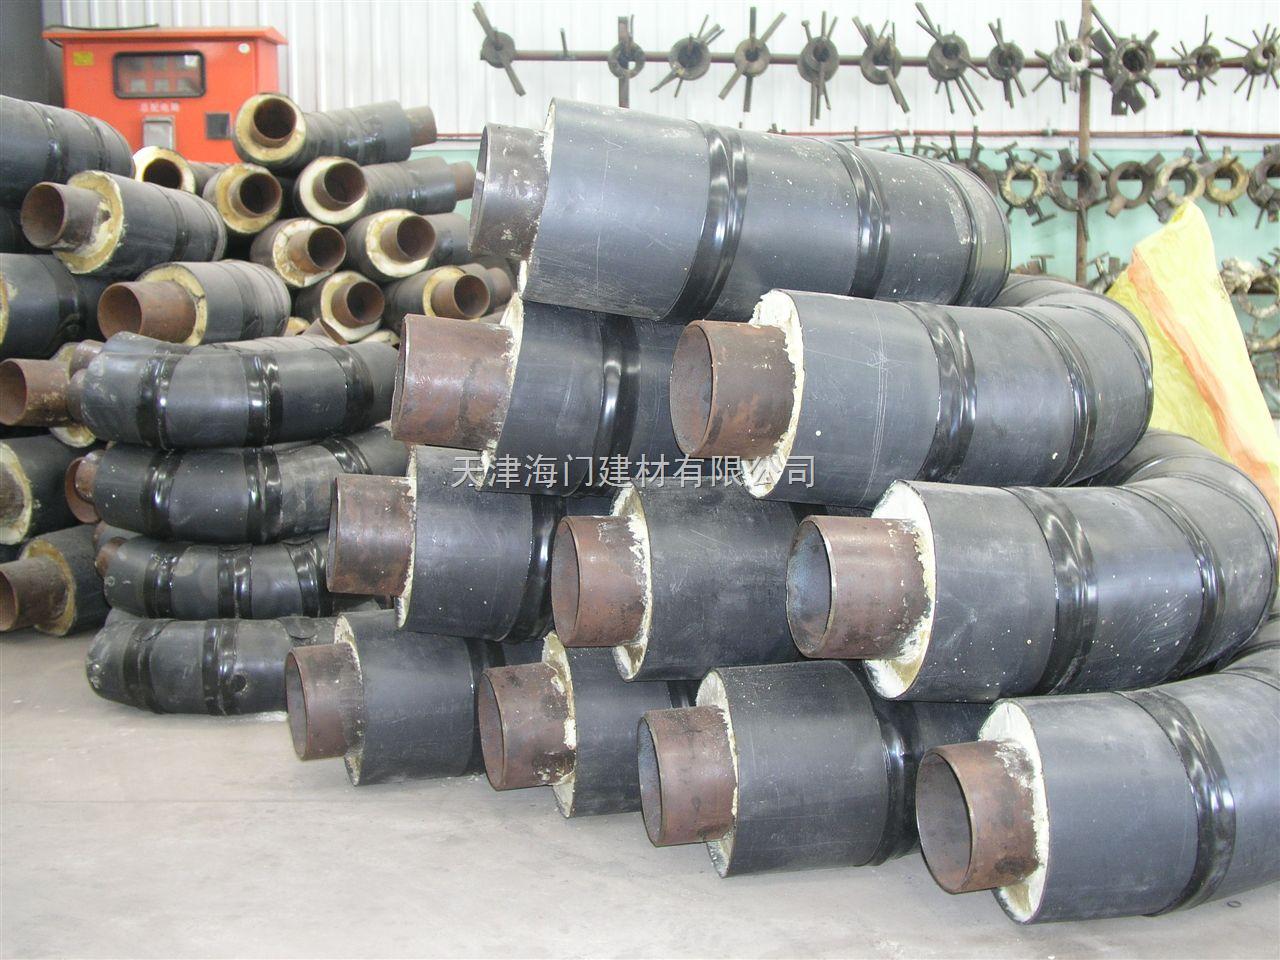 钢套钢保温管件,蒸汽直埋保温管,高温蒸汽保温管